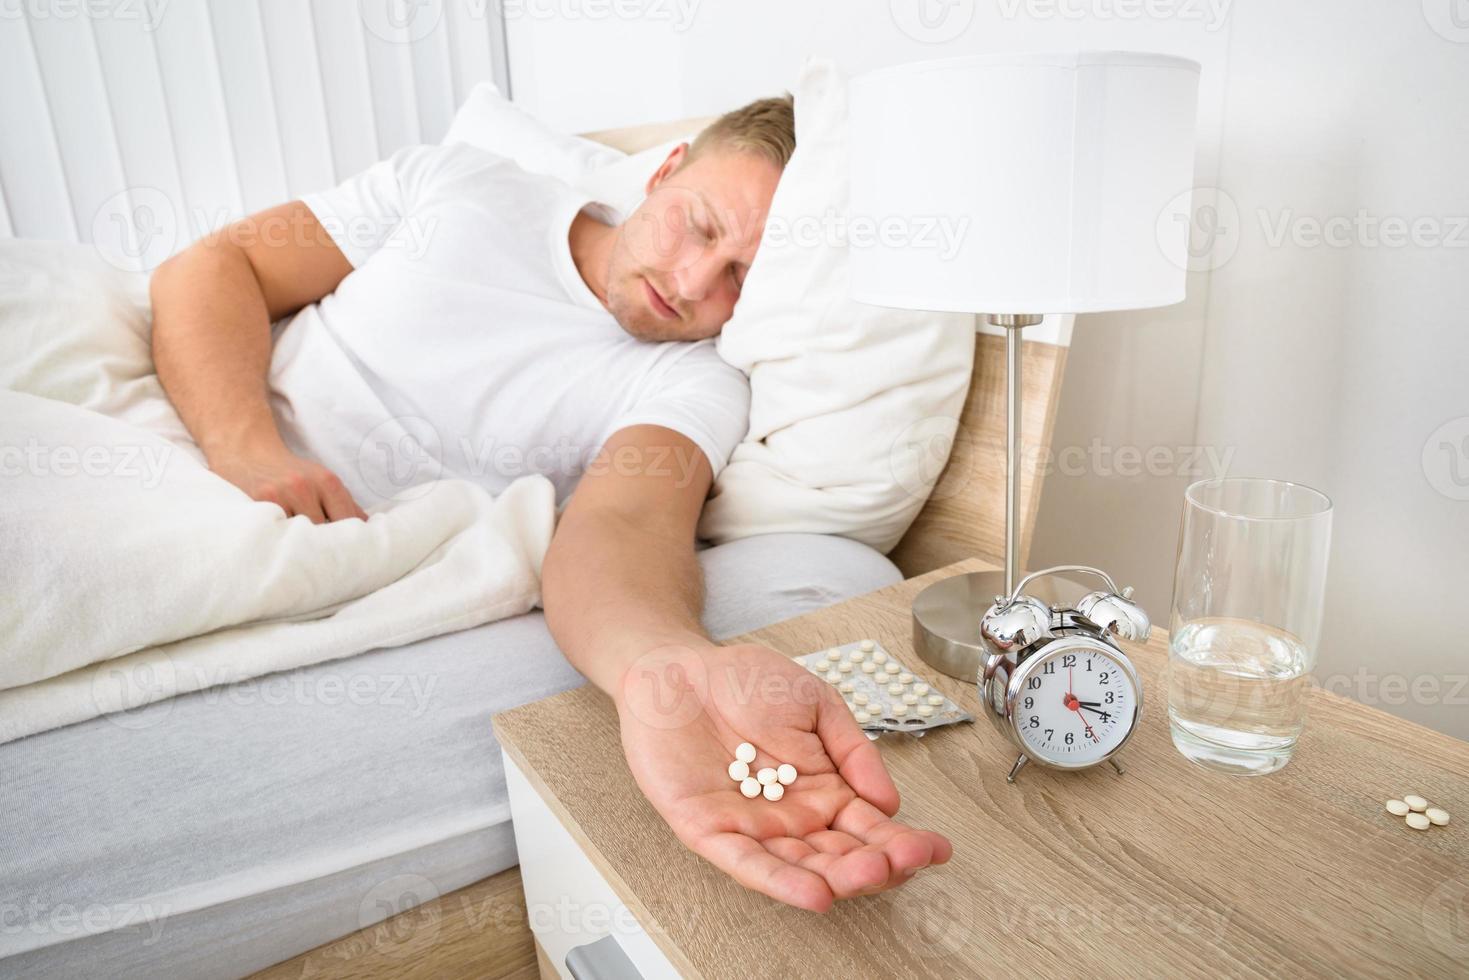 homme tenant des pilules photo